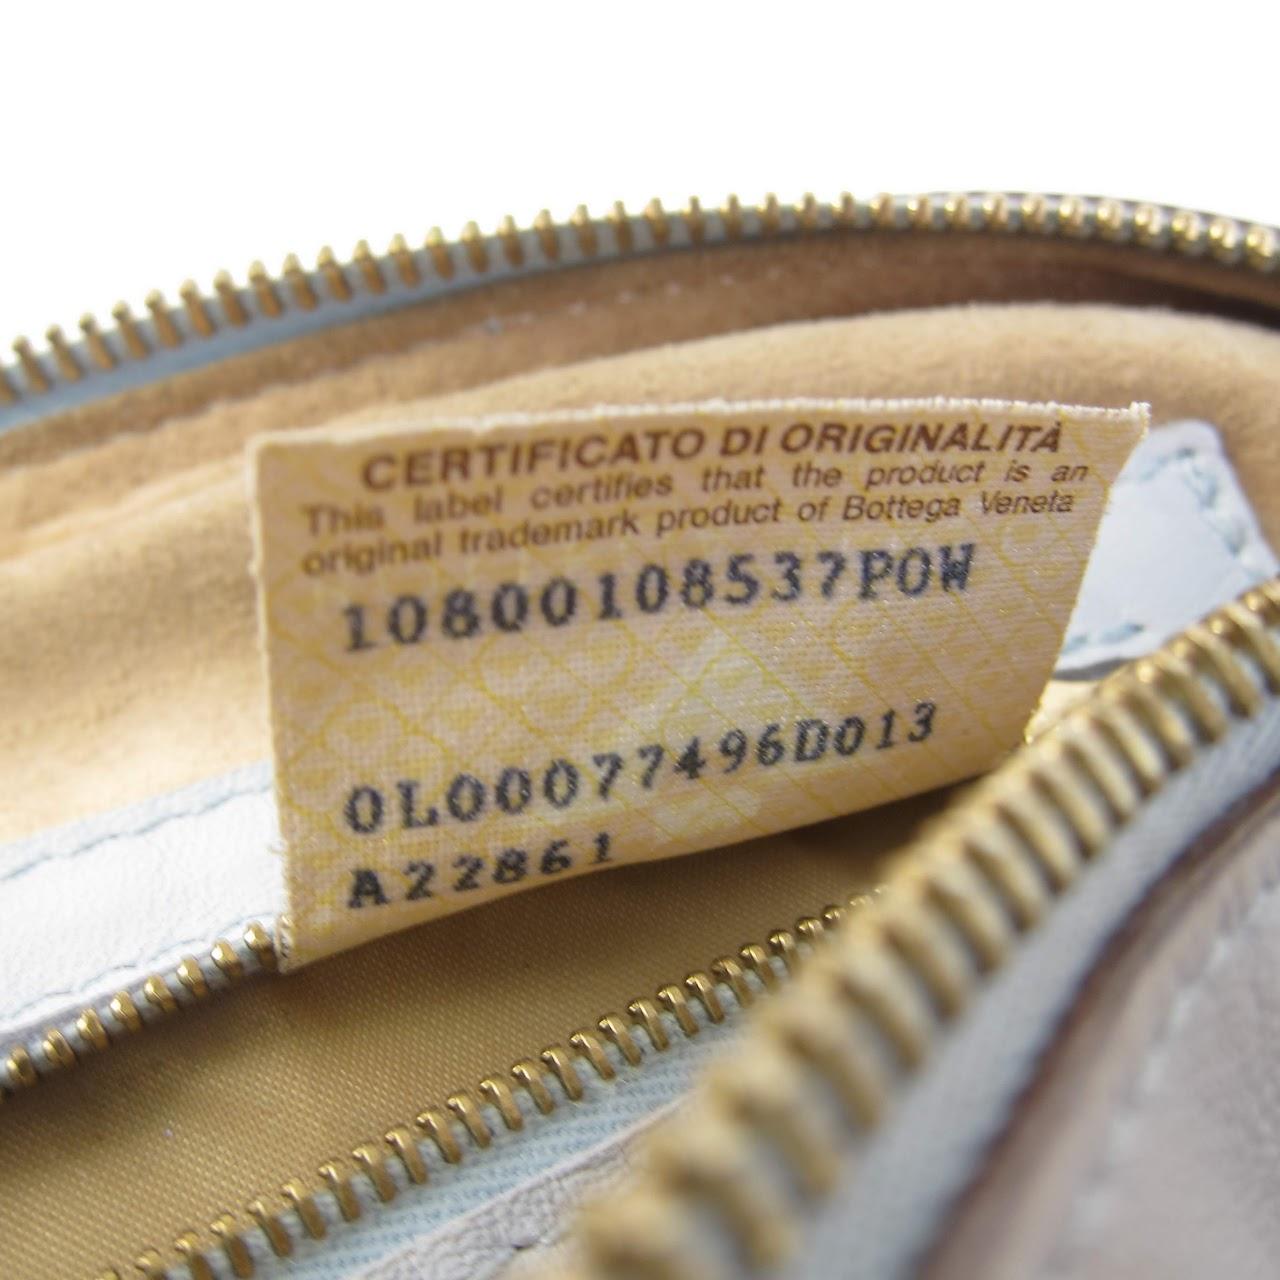 8f48cfef59 Bottega Veneta Vintage Woven Leather Handbag